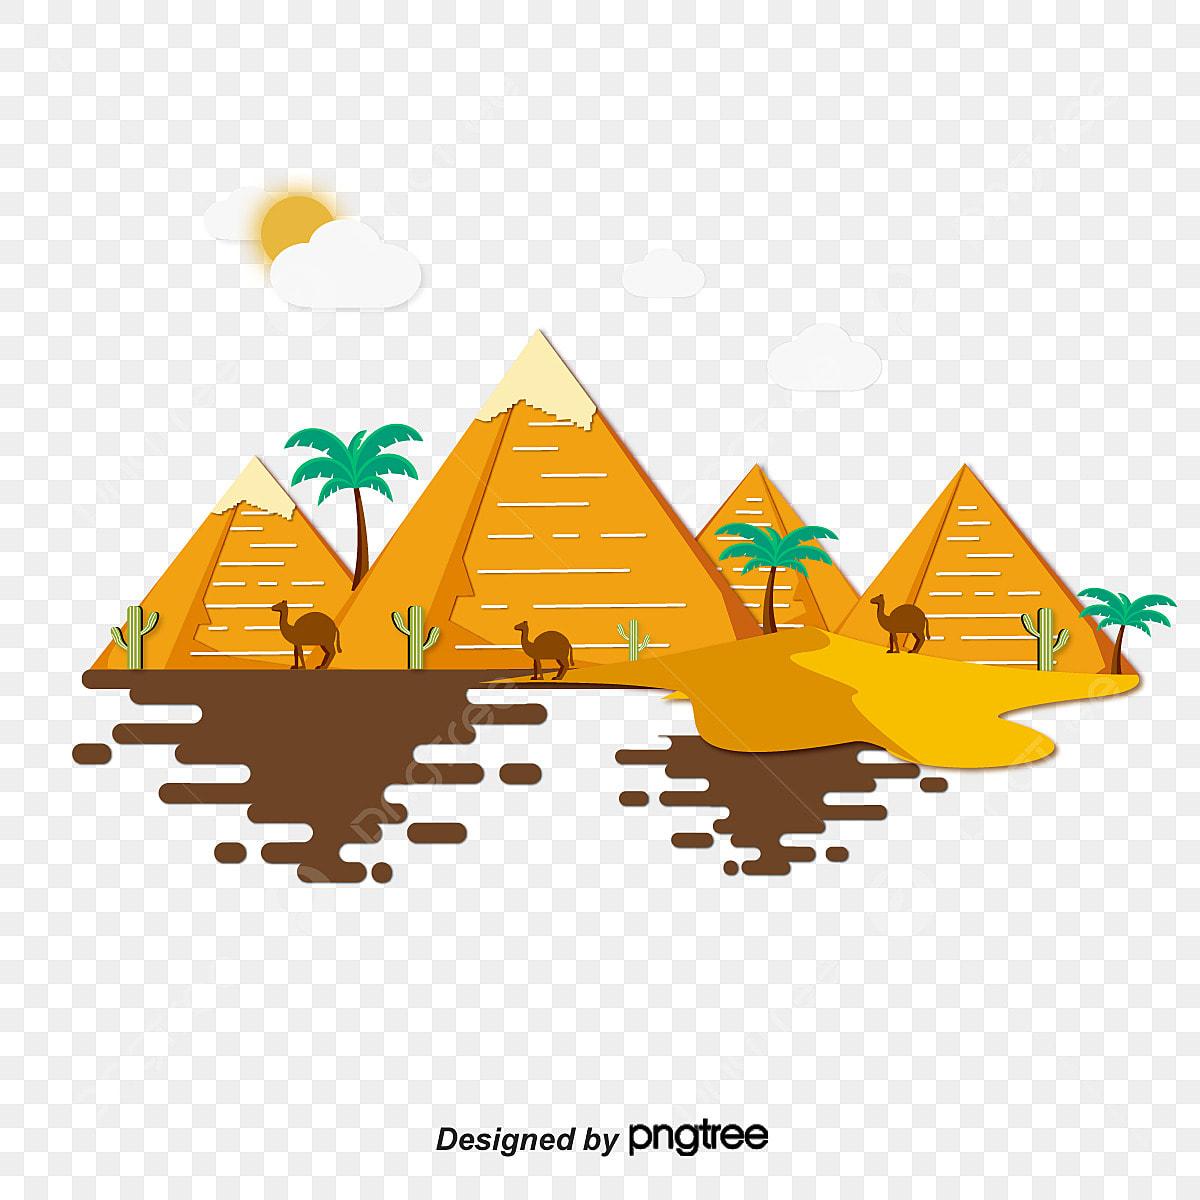 dessin vectoriel en pyramide le dessin de la pyramide b u00e2timents anciens  u00c9gypte png et vecteur